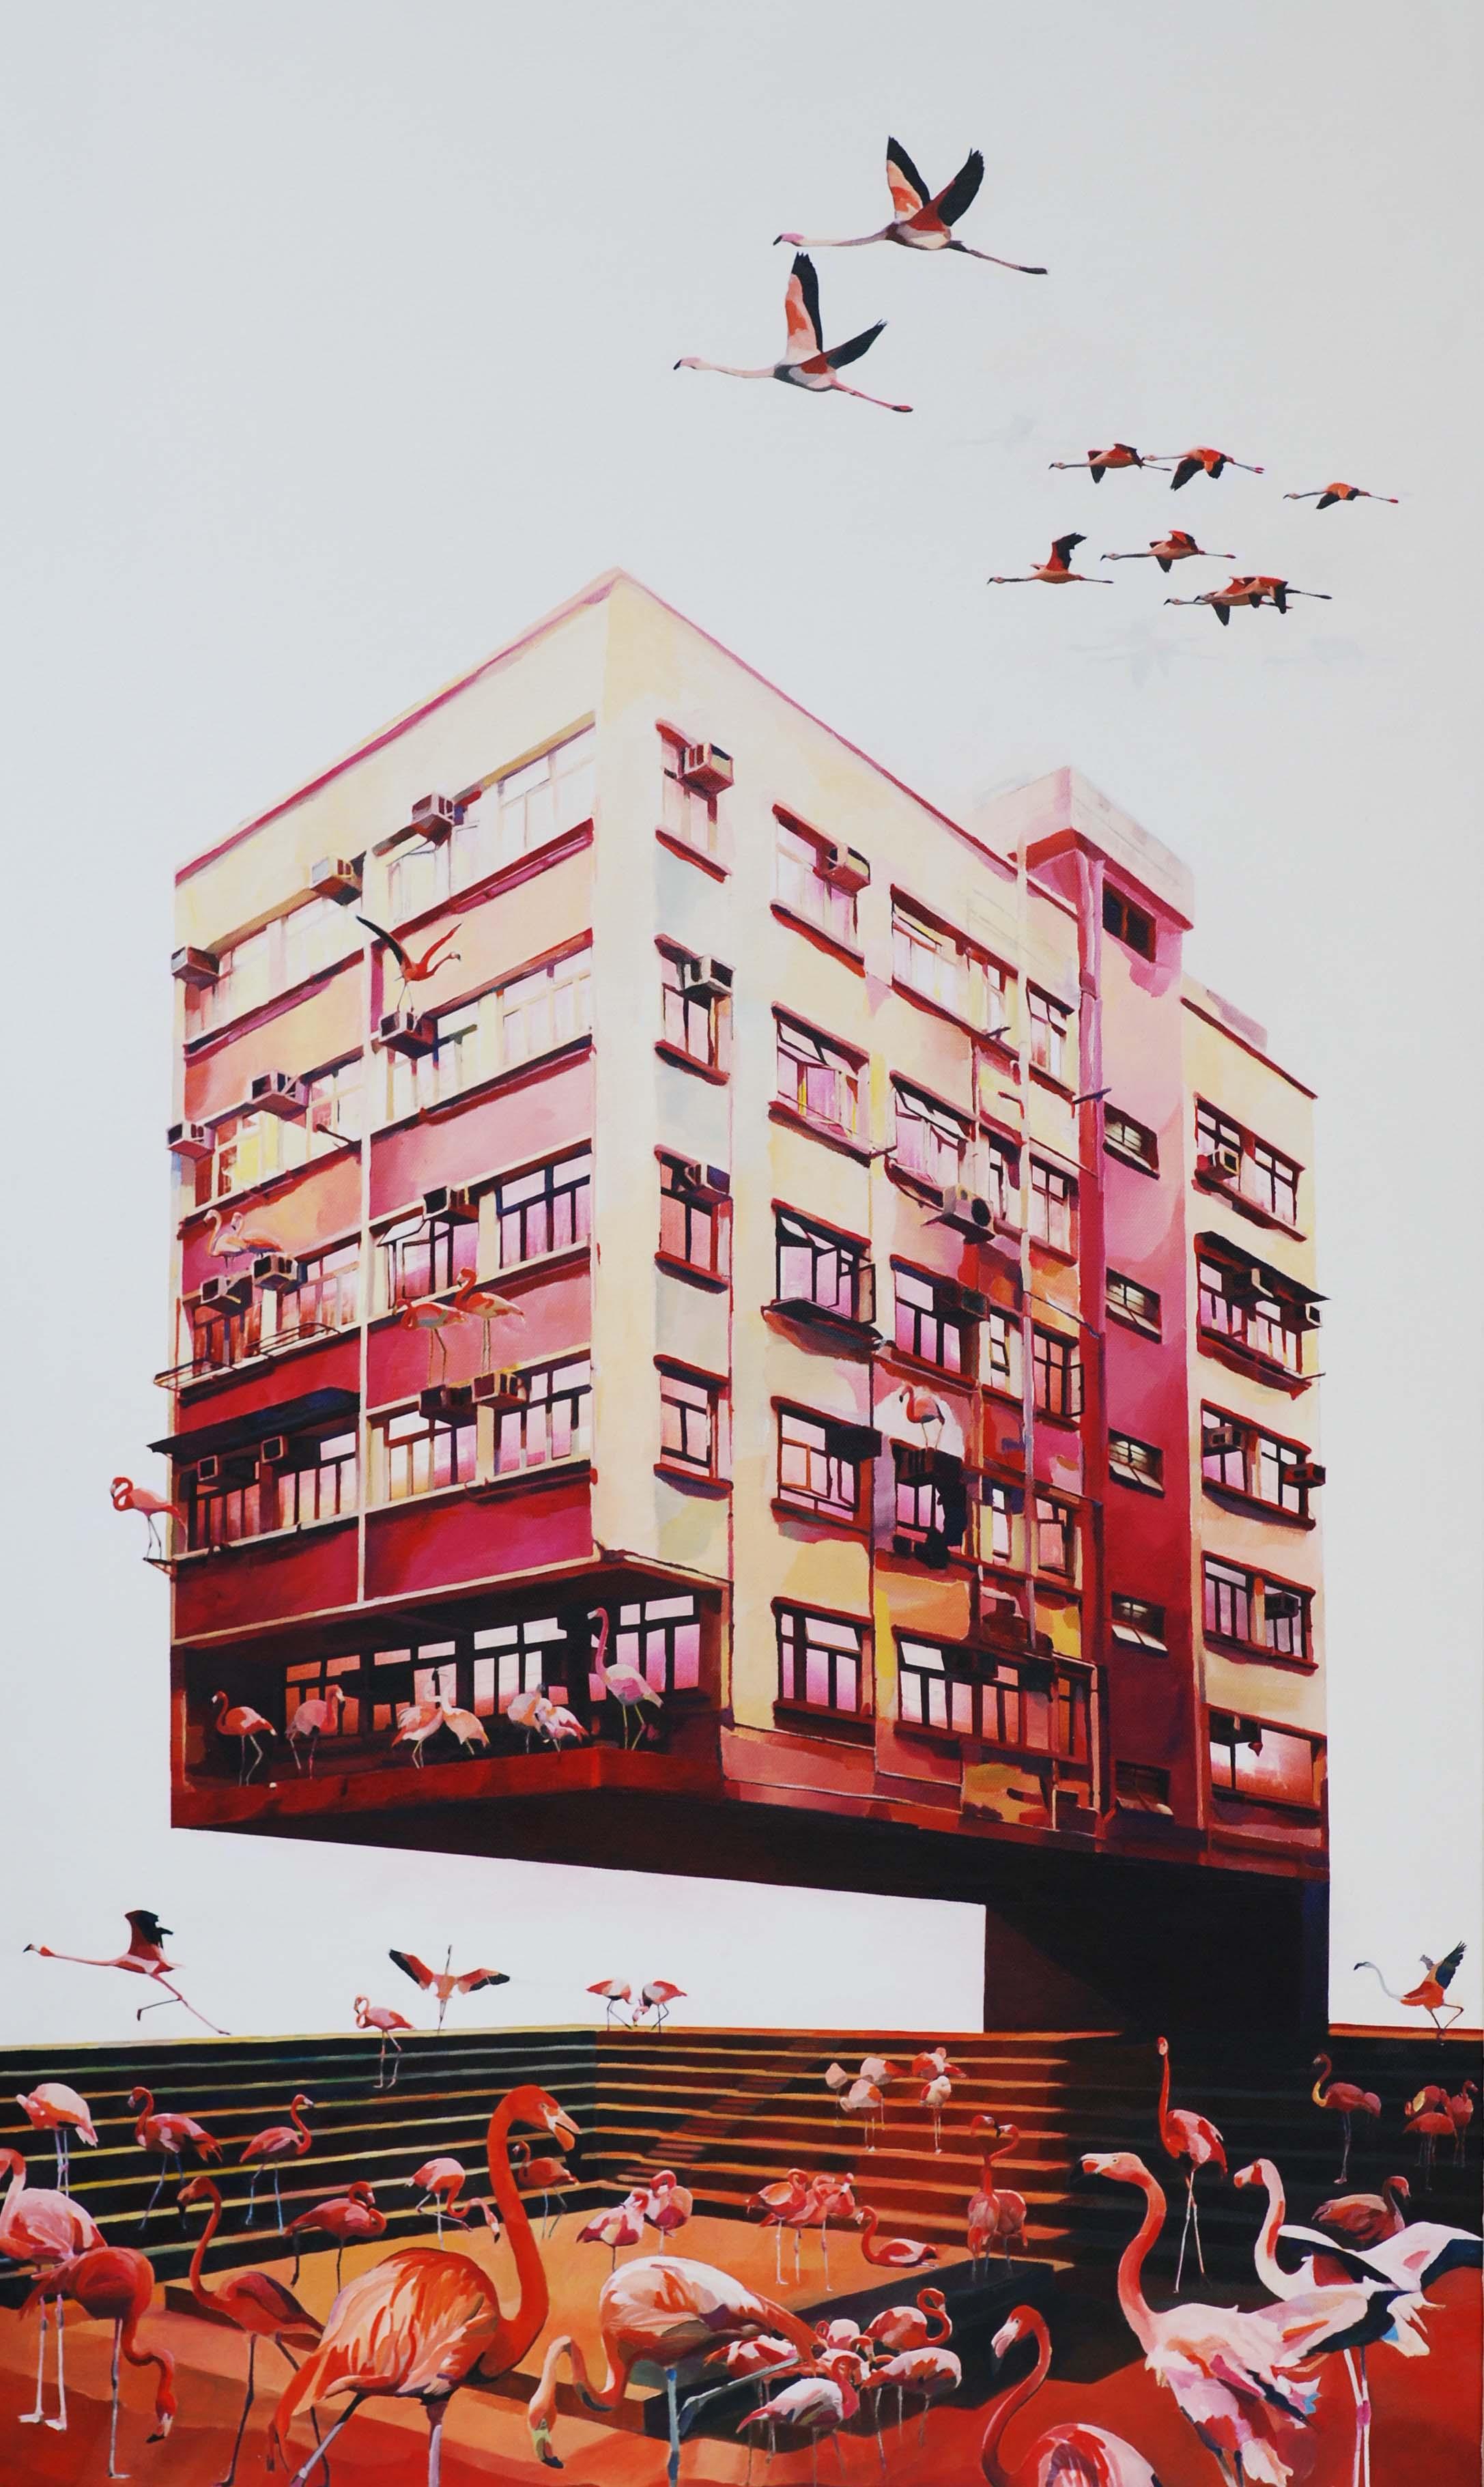 Flamingo Villa - 2014 (SOLD)